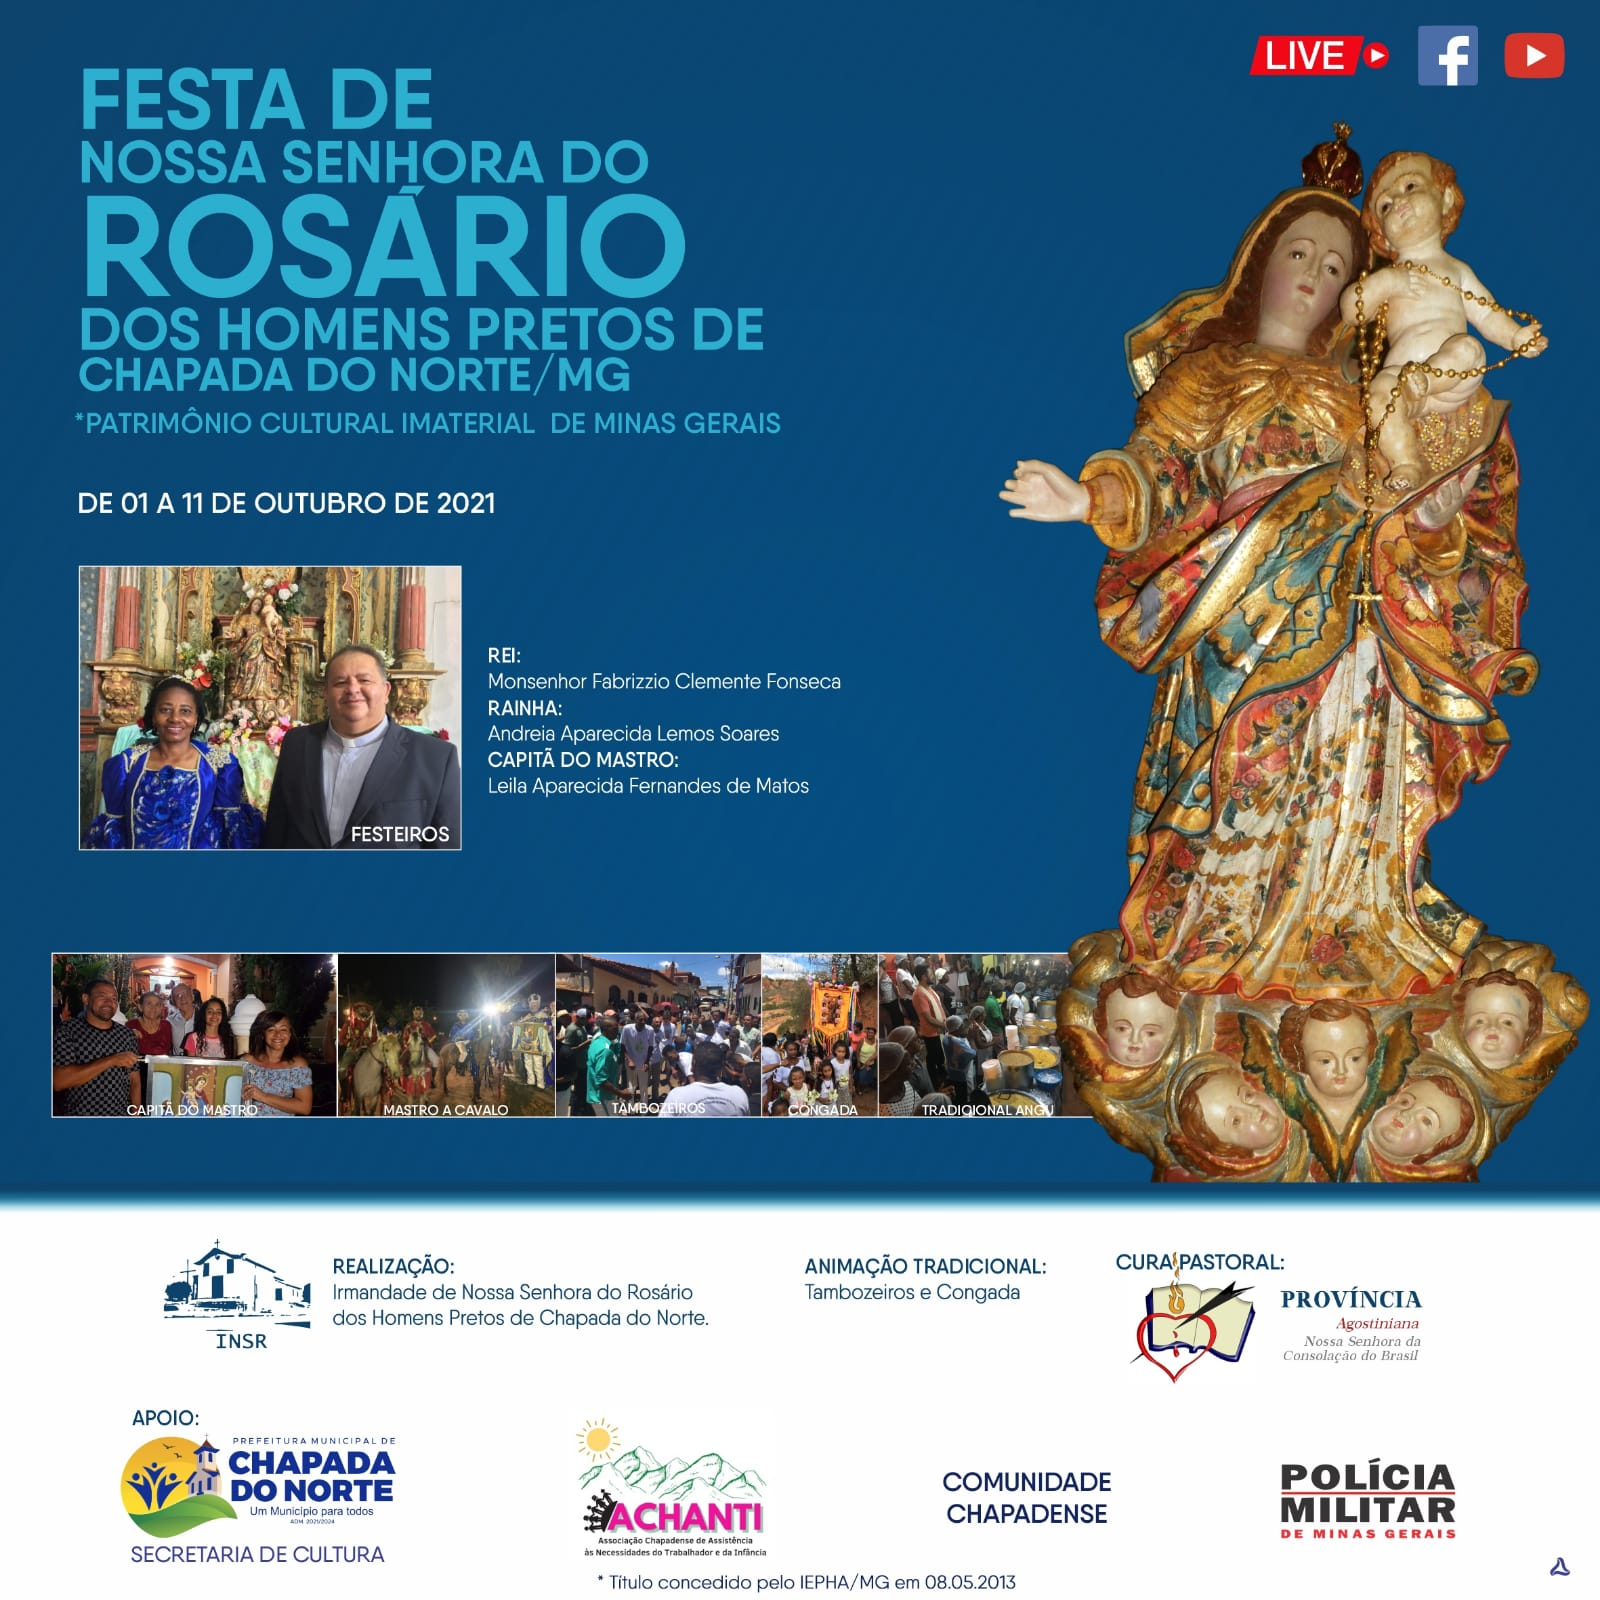 FESTA DE NOSSA SENHORA DO ROSÁRIO DOS HOMENS PRETOS ...